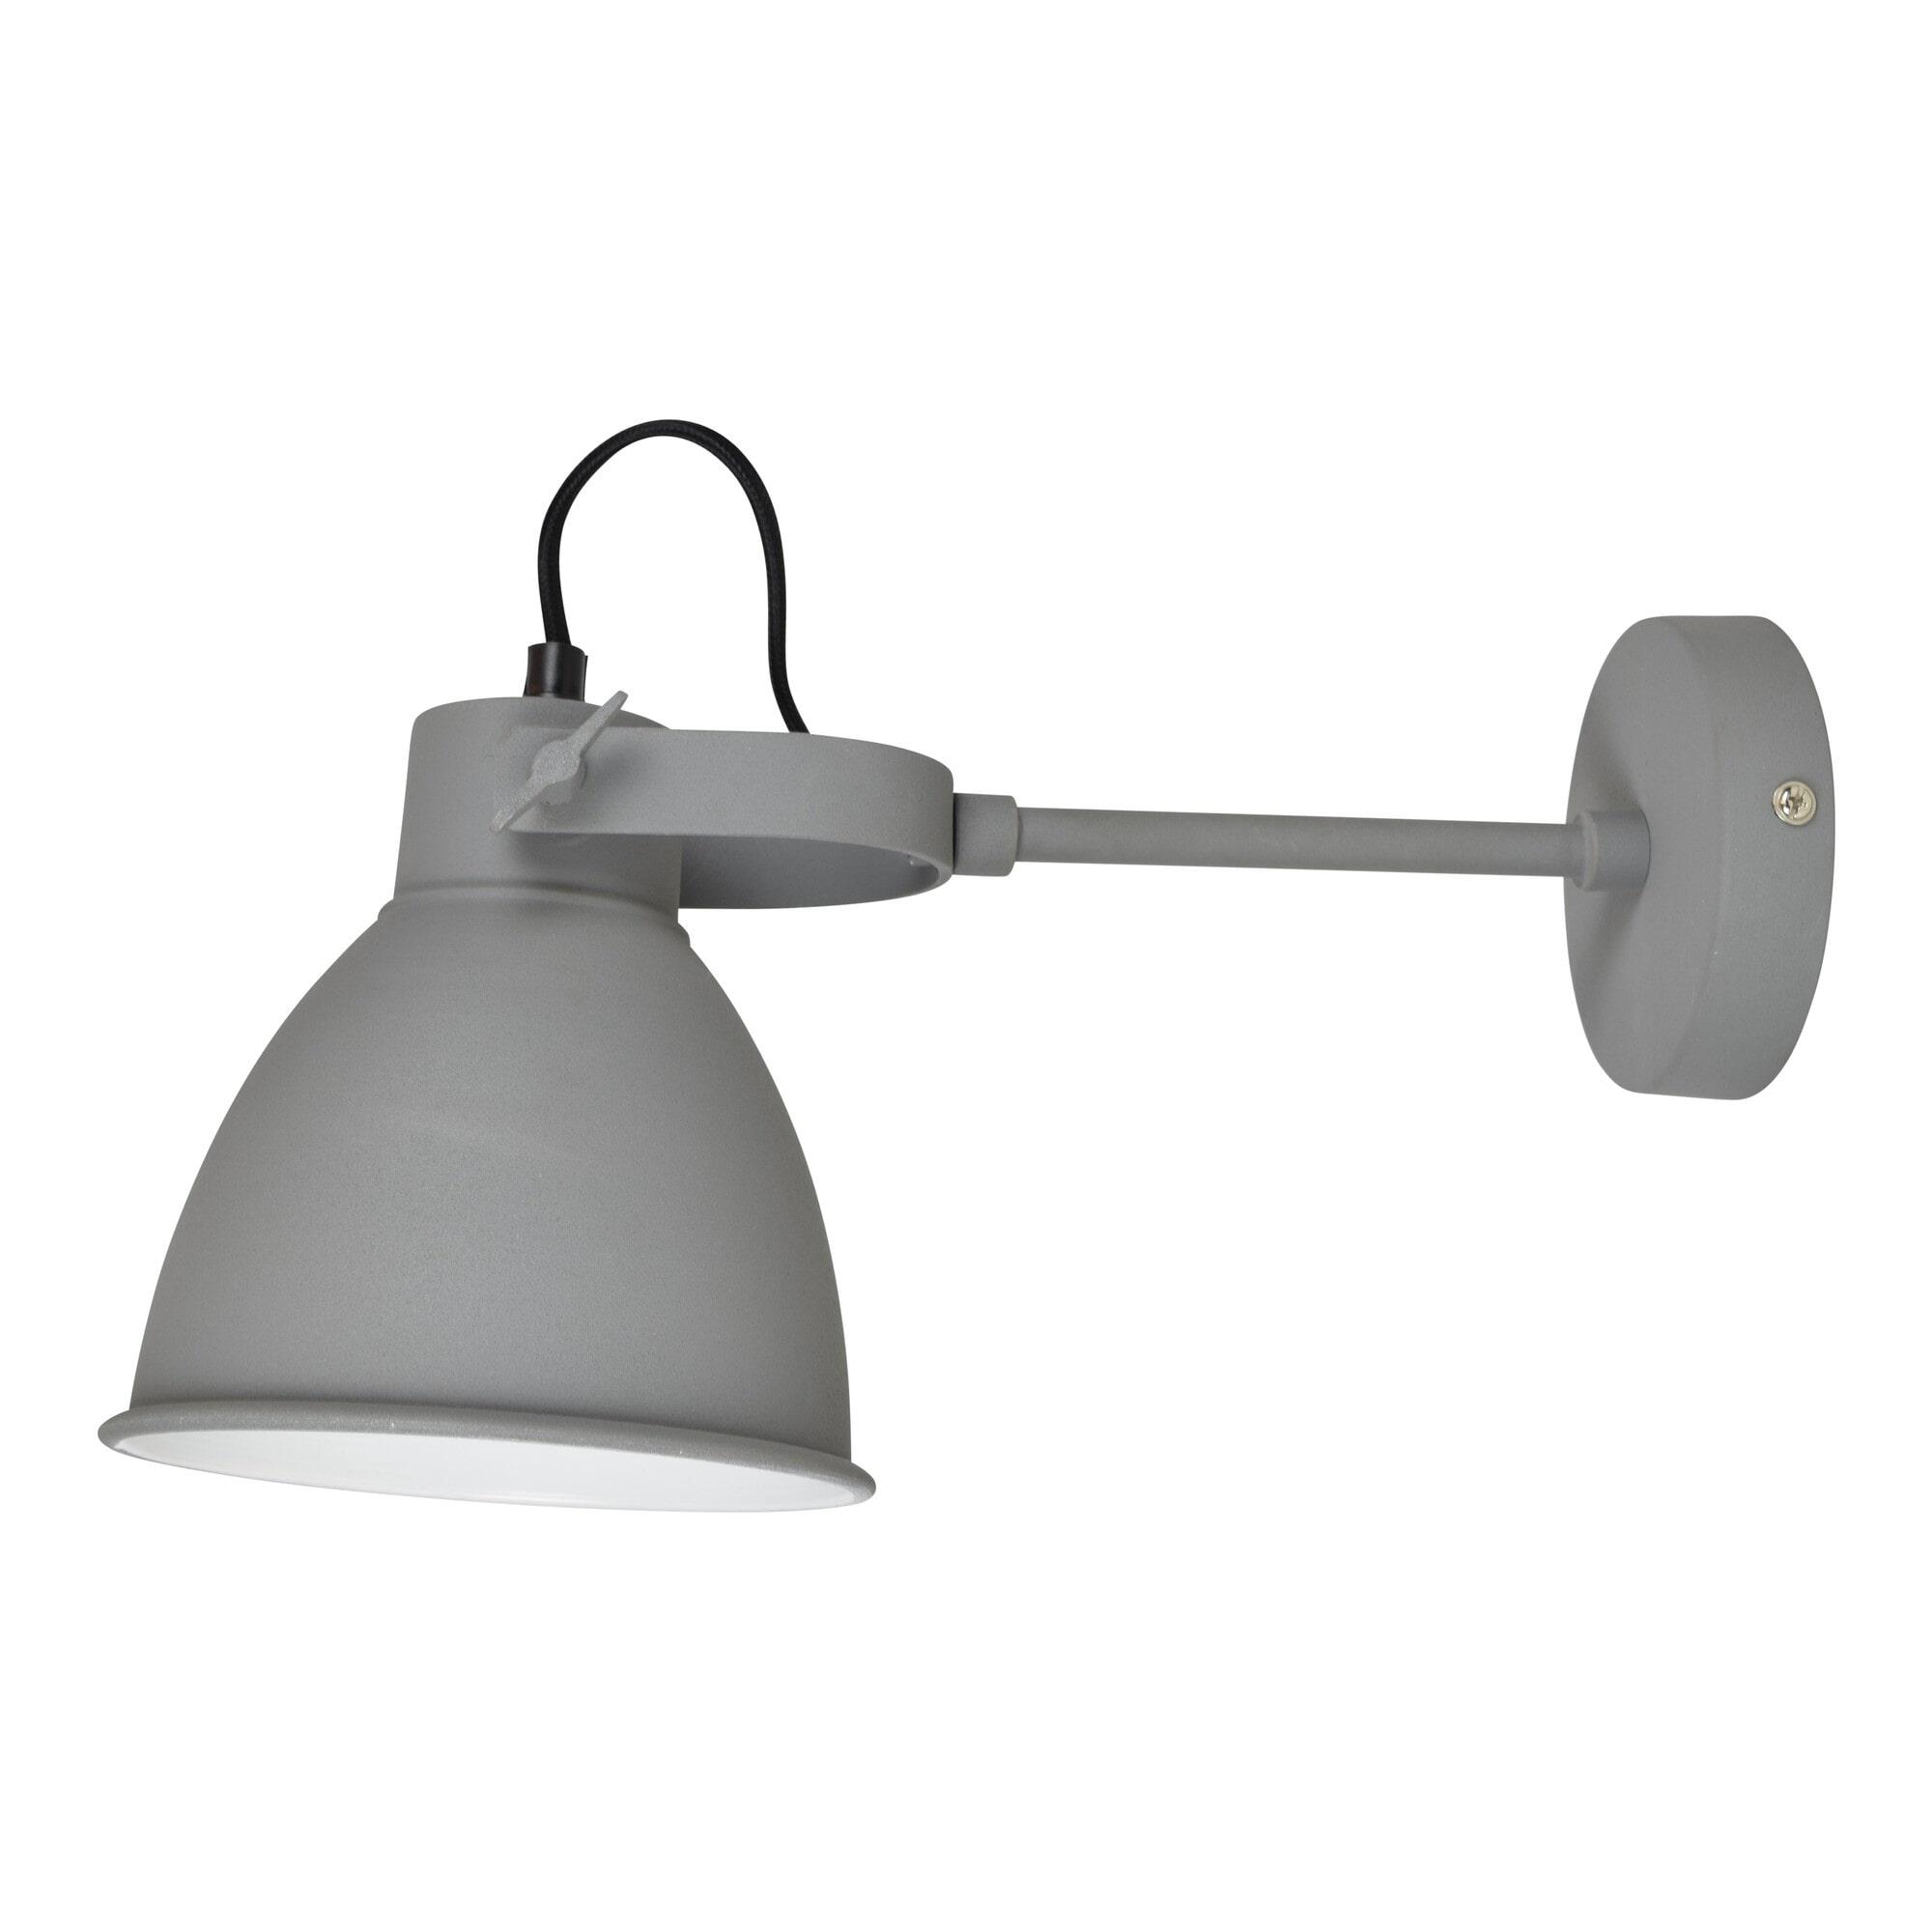 Urban Interiors Wandlamp 'Dock' kleur grijs